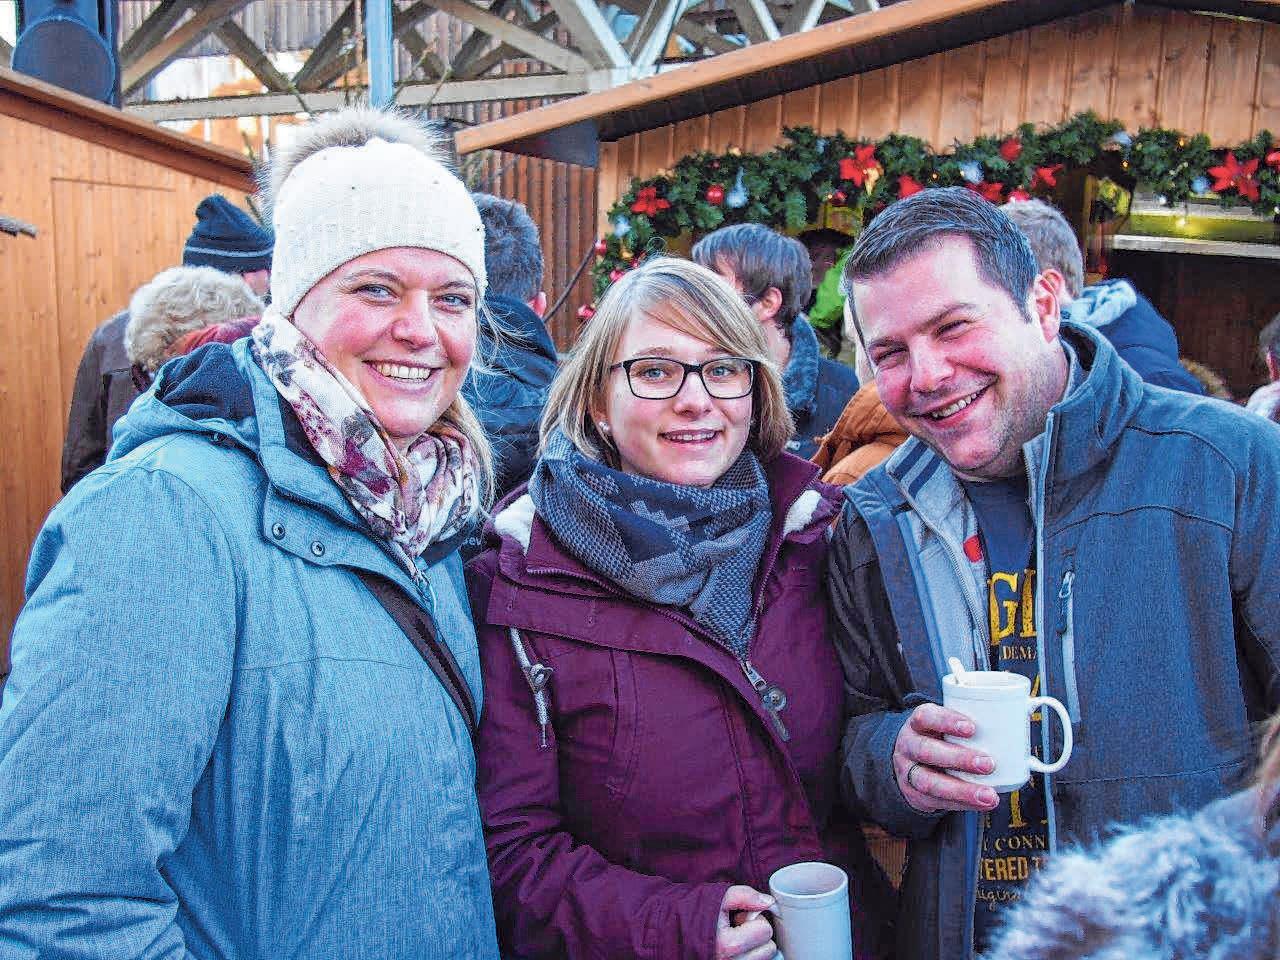 Besucher aus Nah und Fern lieben den Erisdorfer Markt wegen der kuscheligen, heimeligen Atmosphäre im Rund der Stände auf dem liebevoll dekorierten Marktplatz.